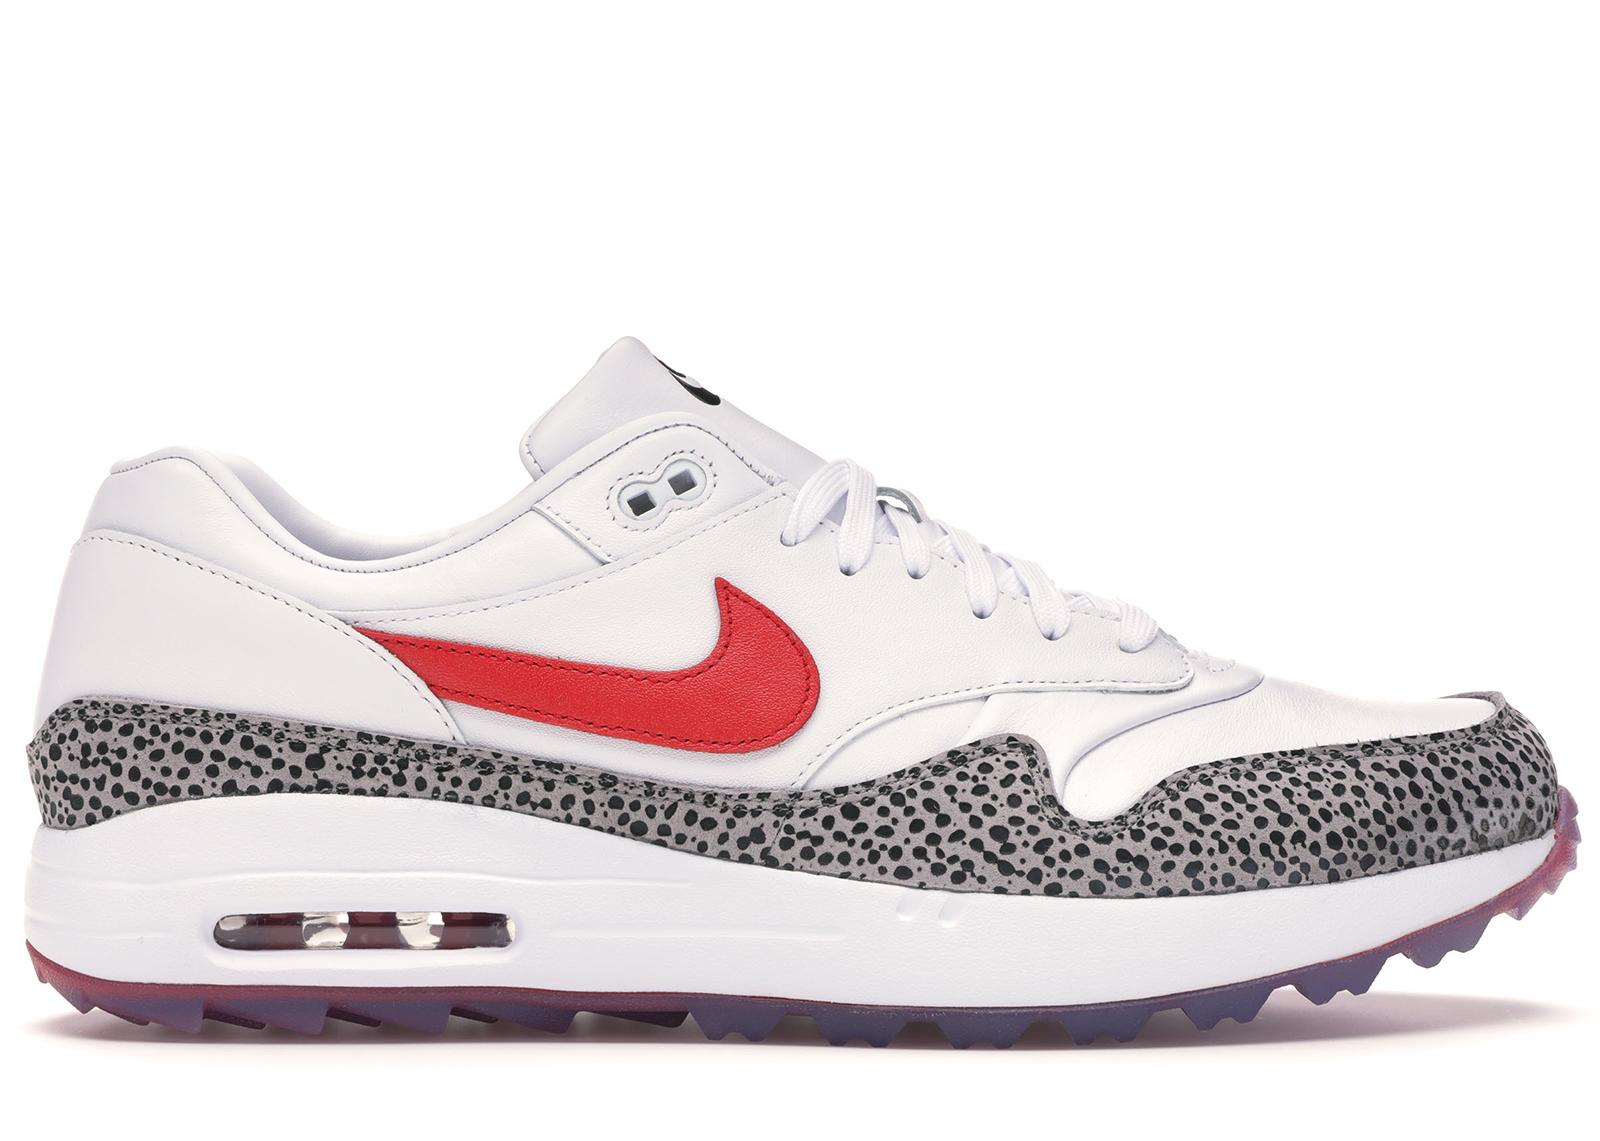 Nike Air Max 1 Golf Safari - BQ4804-101